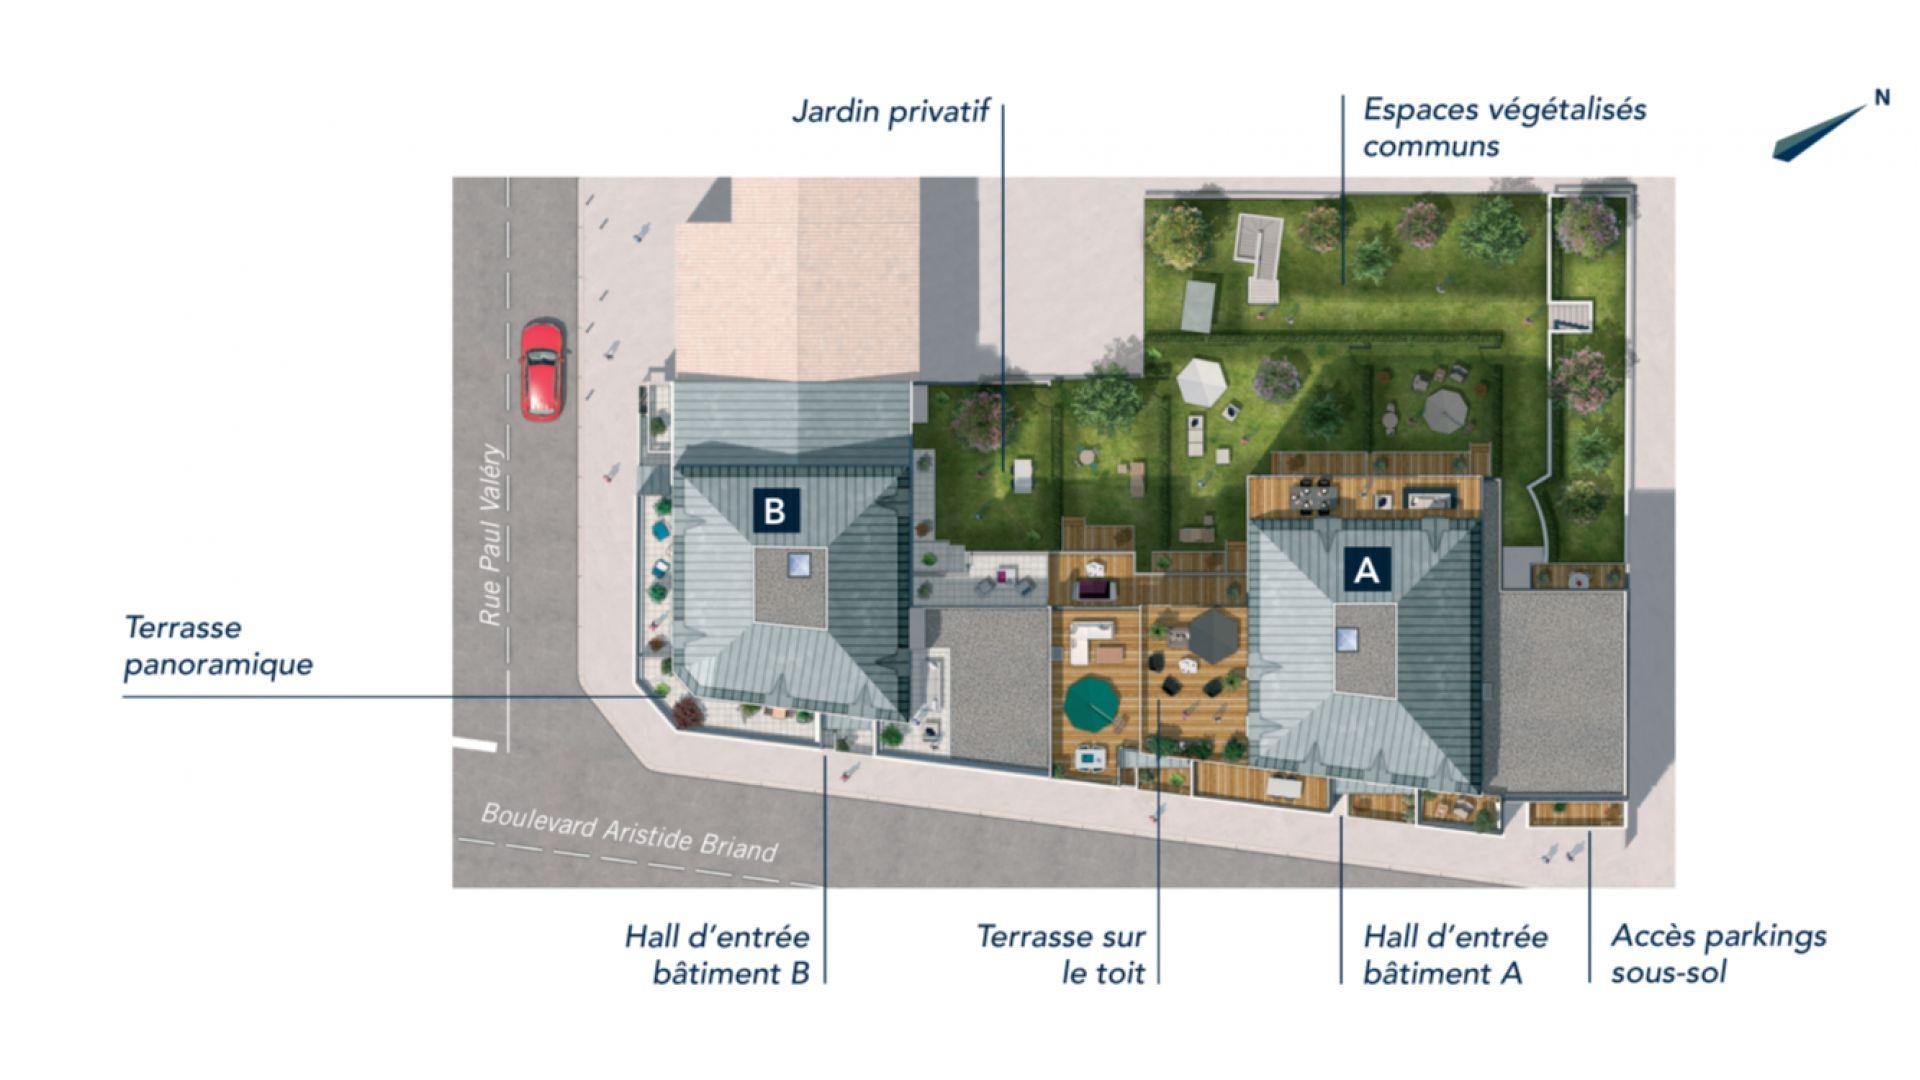 GreenCity immobilier - Savigny sur Orge - Résidence Le Clos D'Ambroise - 91600 - Appartements neufs du T1bis au T4 - plan de masse